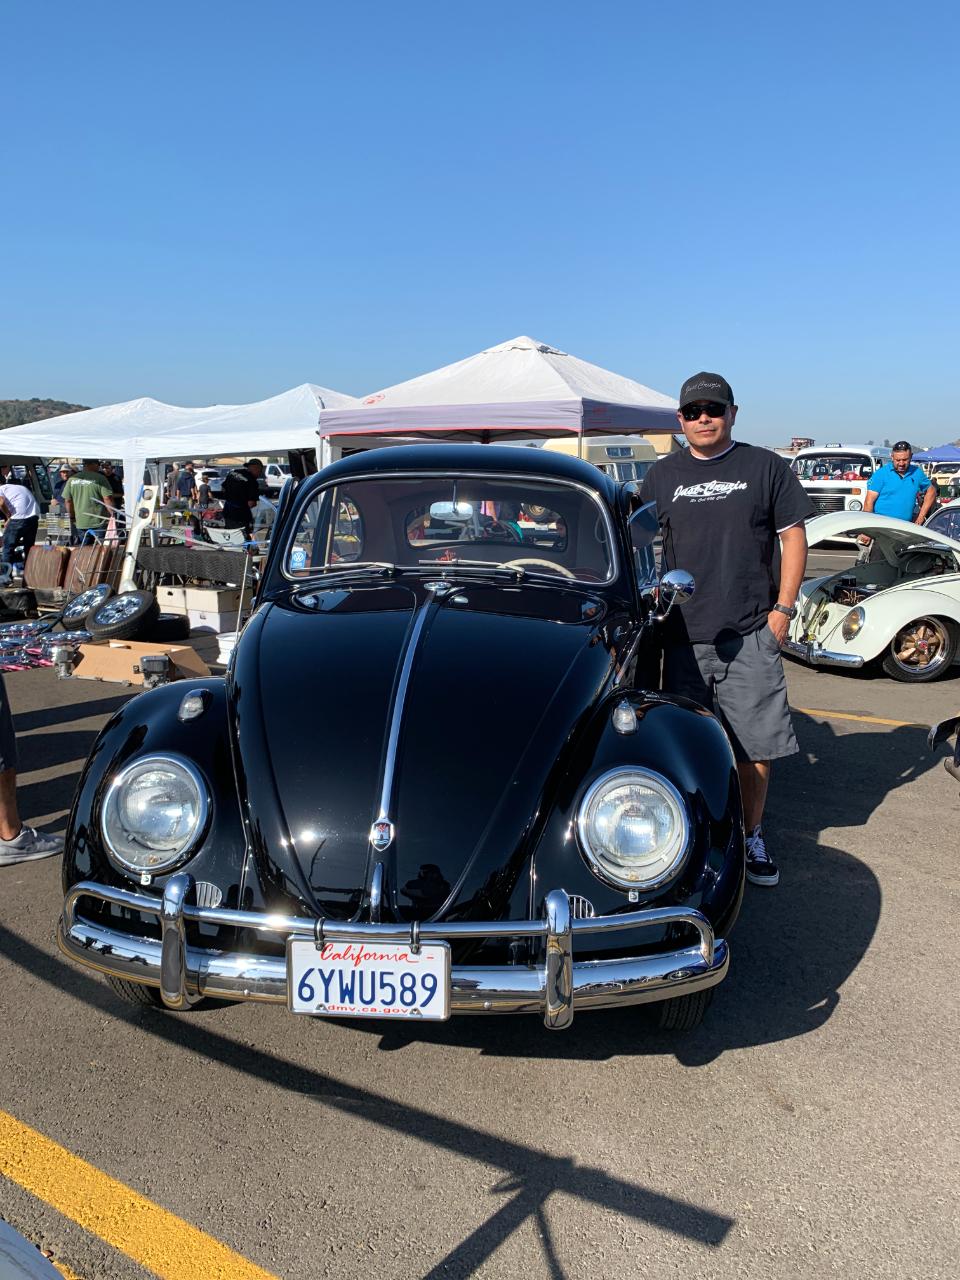 Carlos Arellano with his 1960 VW Bug